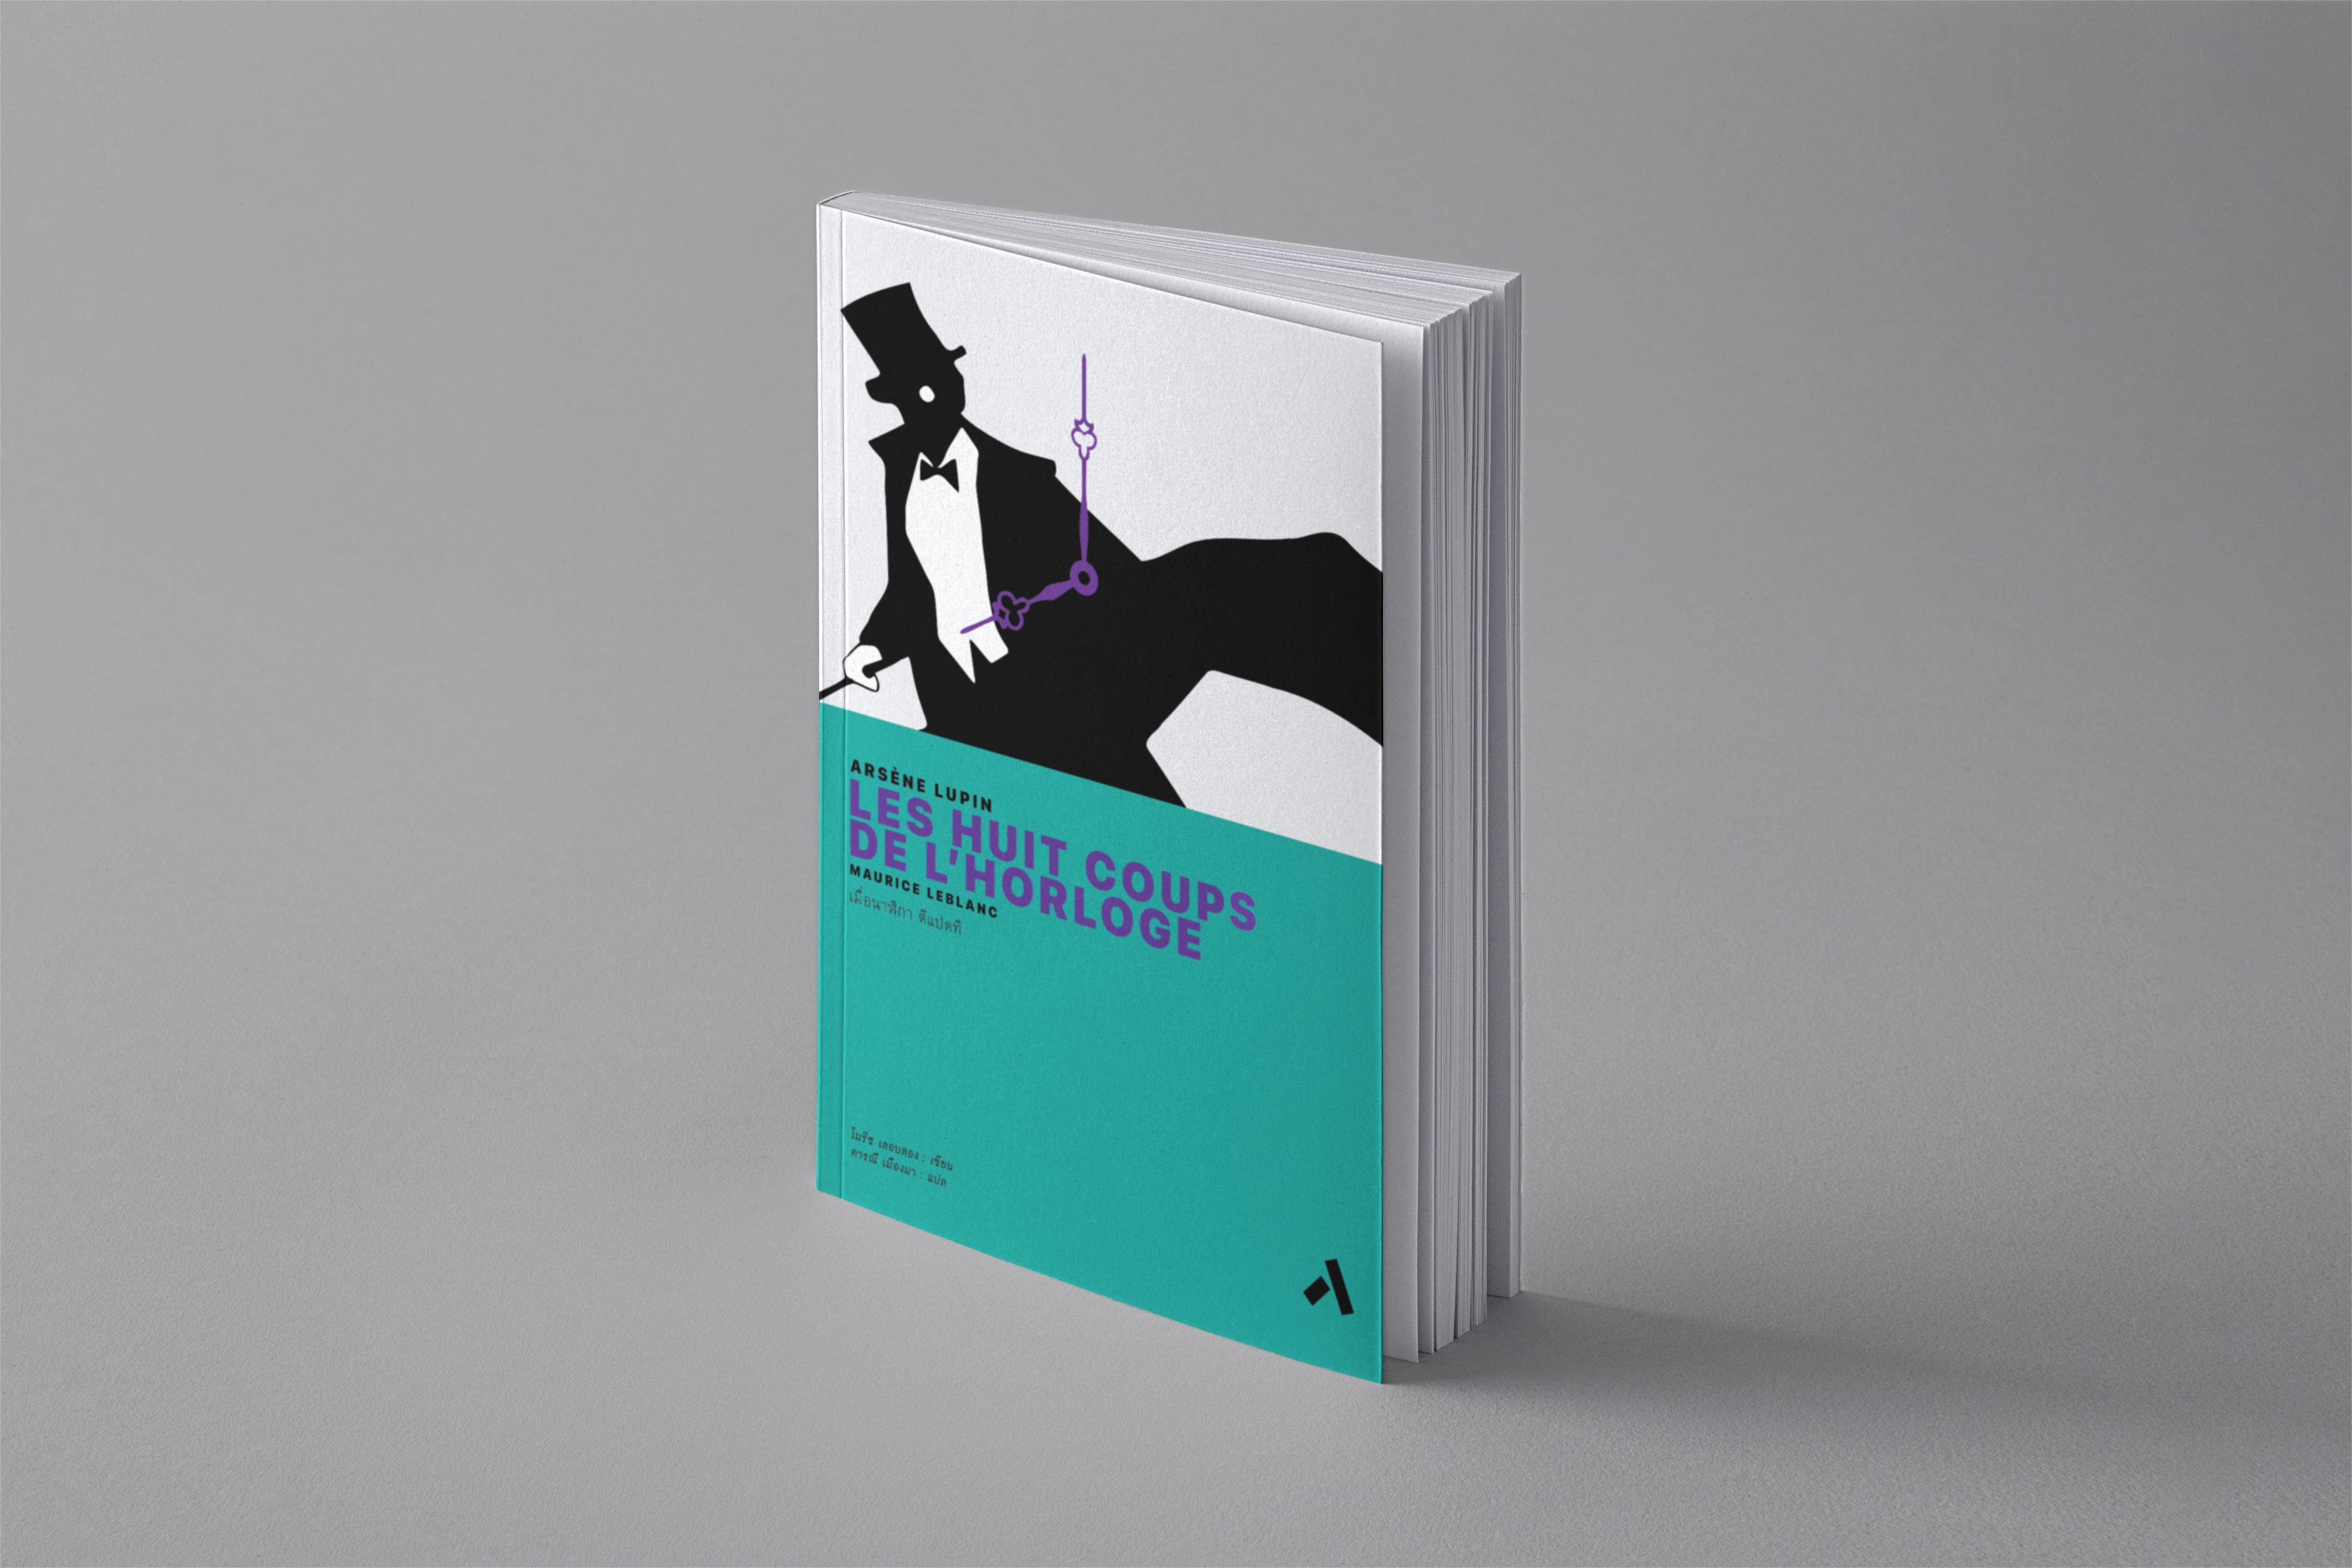 เมื่อนาฬิกาตีแปดที - อาร์แซน ลูแปง / โมริซ เลอบลอง (Maurice Leblanc) / ดารณี เมืองมา แปล / ทับหนังสือ